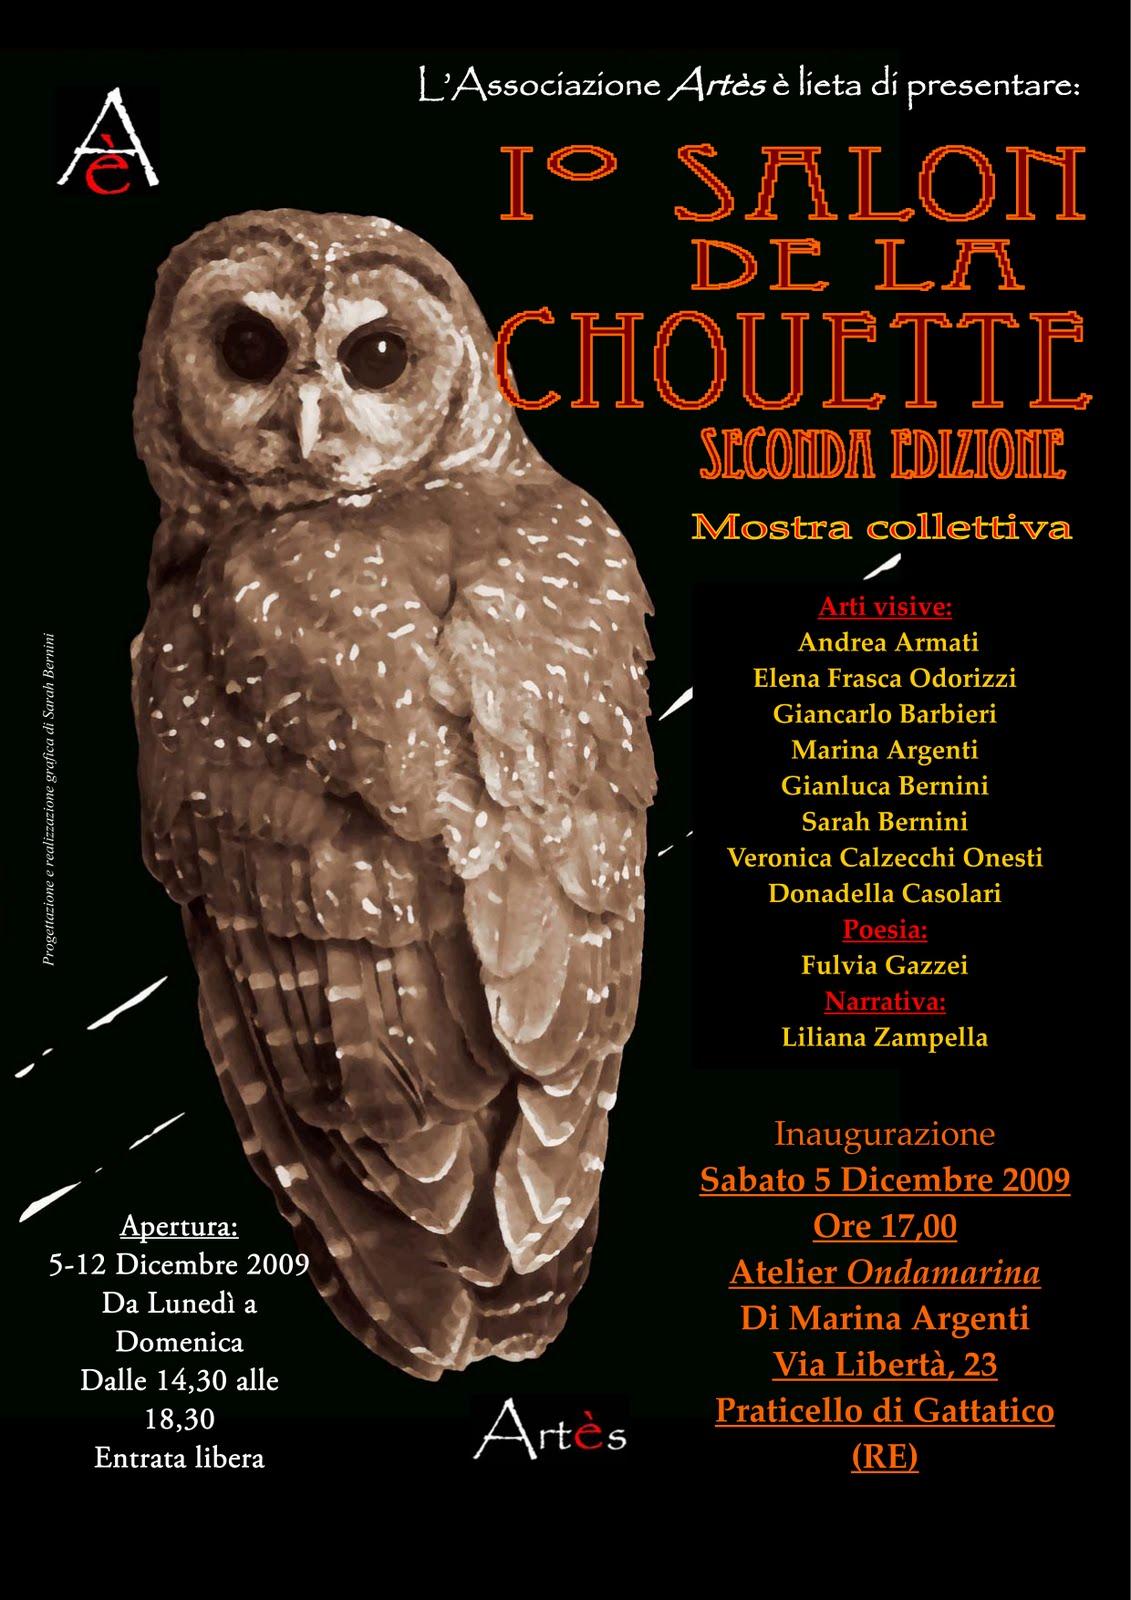 I° Salon de la Chouette, seconda edizione